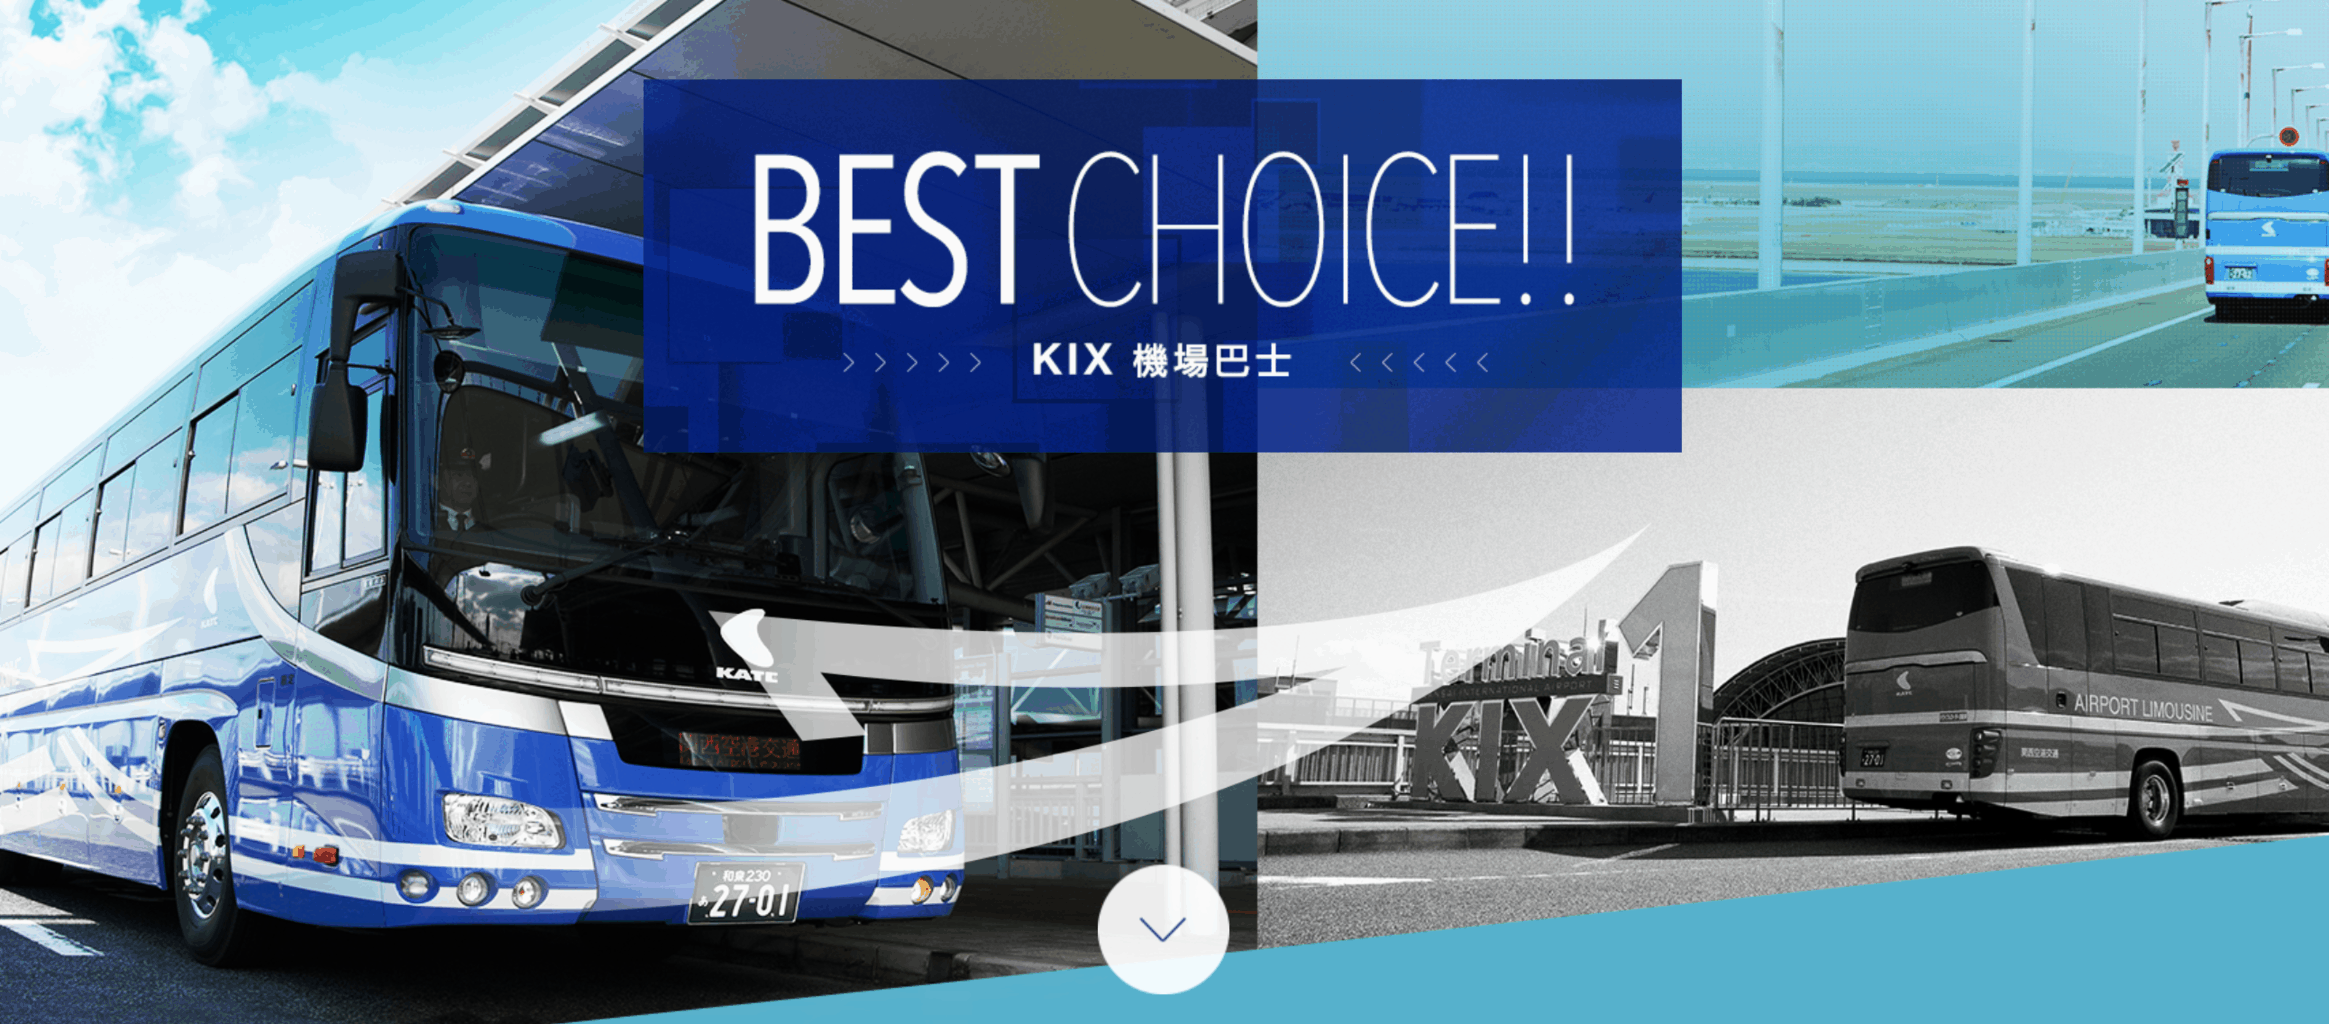 關西機場到京都 、大阪:利木津巴士(KIX機場巴士)